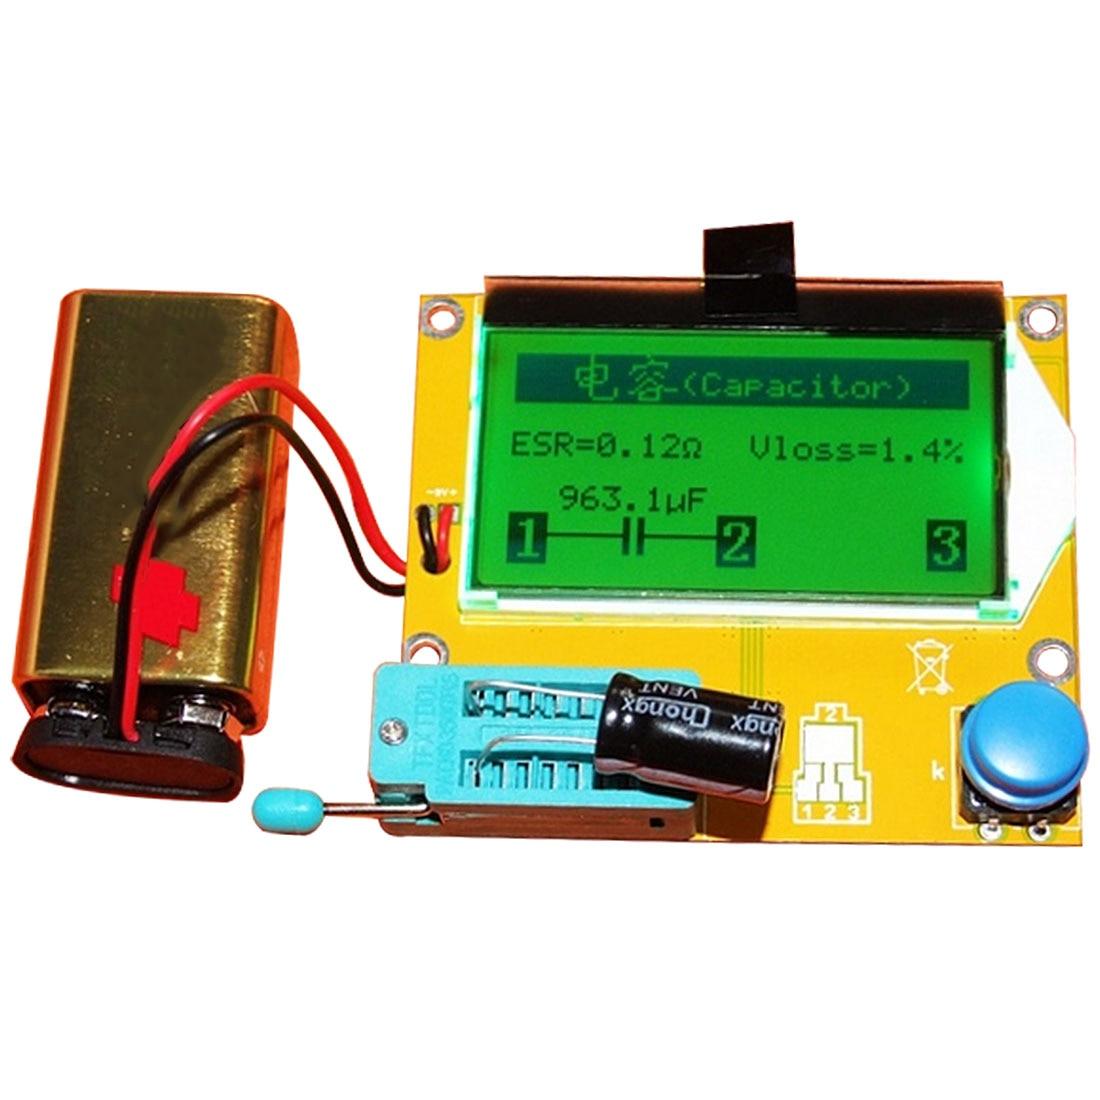 1 piezas ESR-T4M328 Digital Transistor Tester de triodo capacitancia ESR medidor MOS/PNP/NPN LCR 12864 LCD pantalla